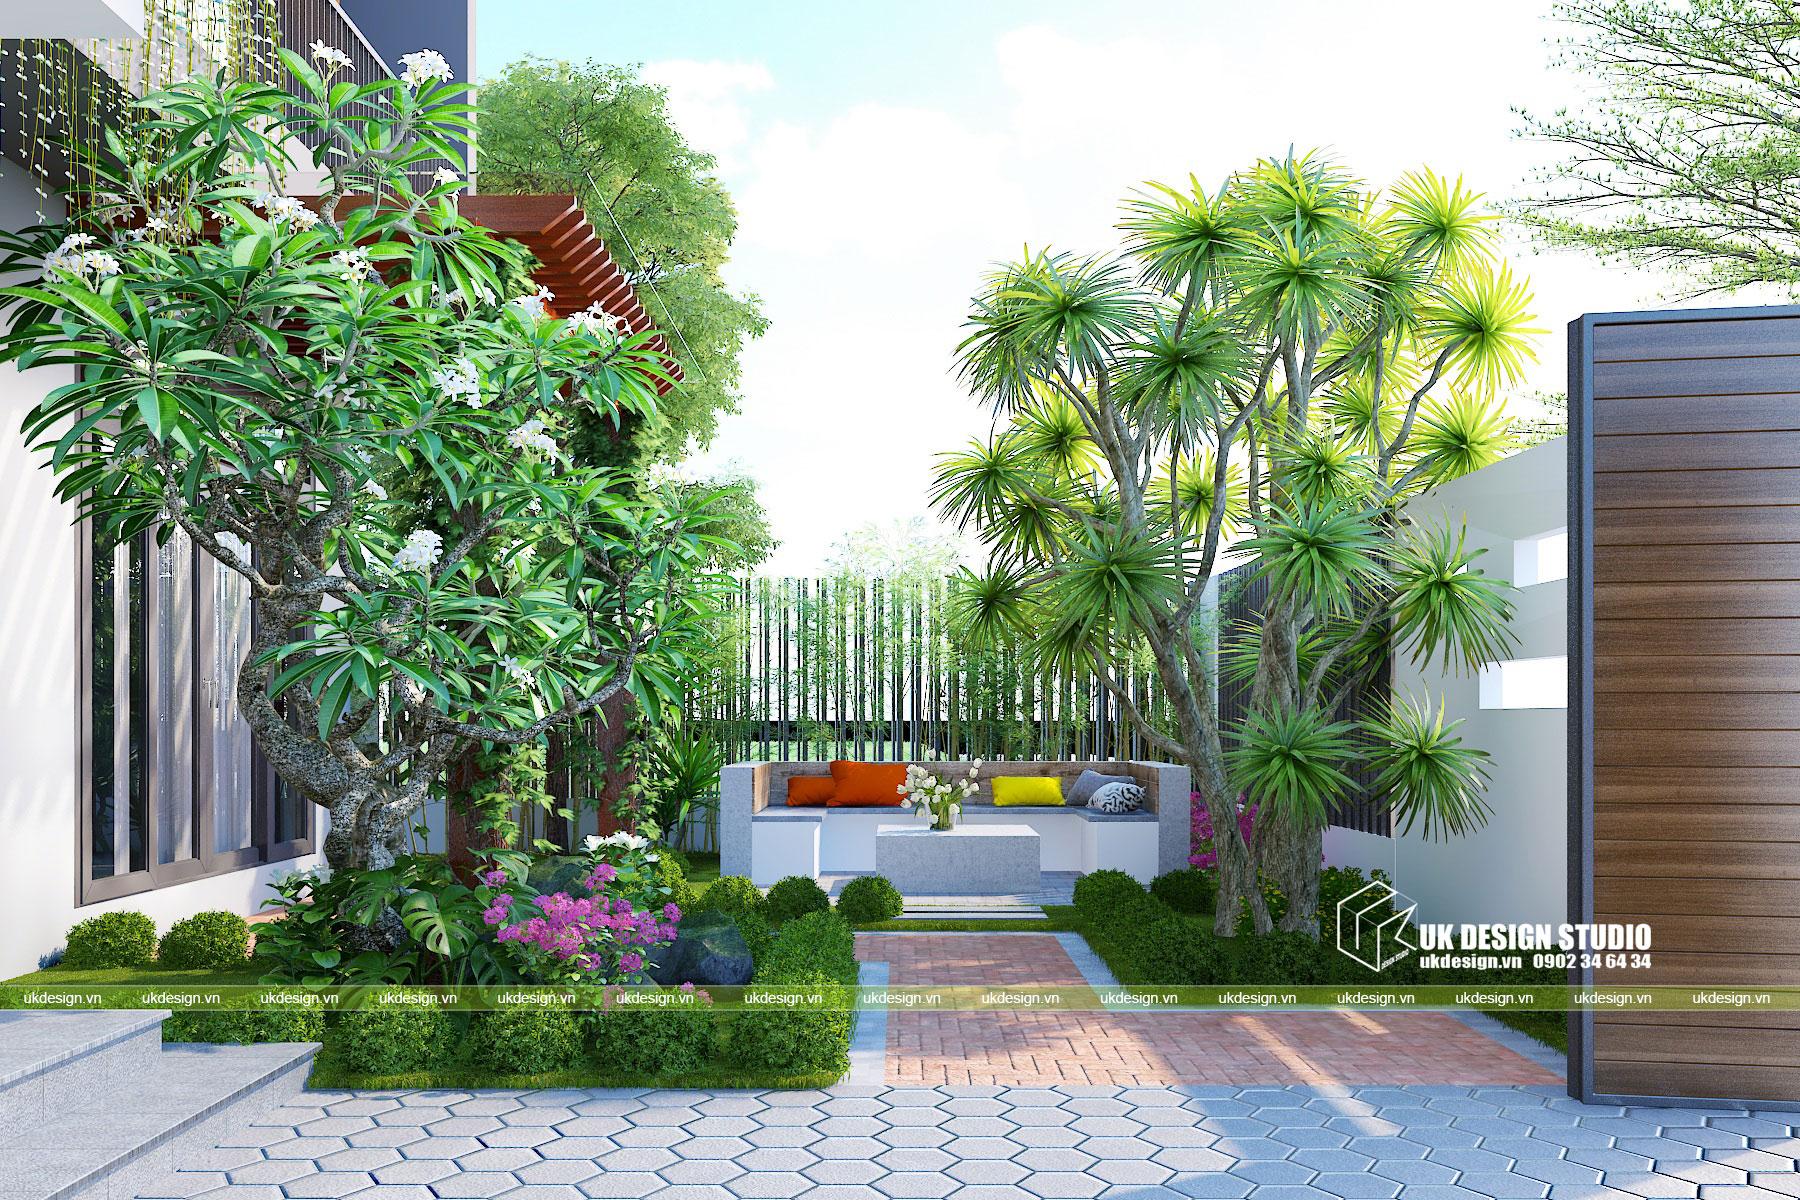 Biệt thự hiện đại sân vườn 500m2 9